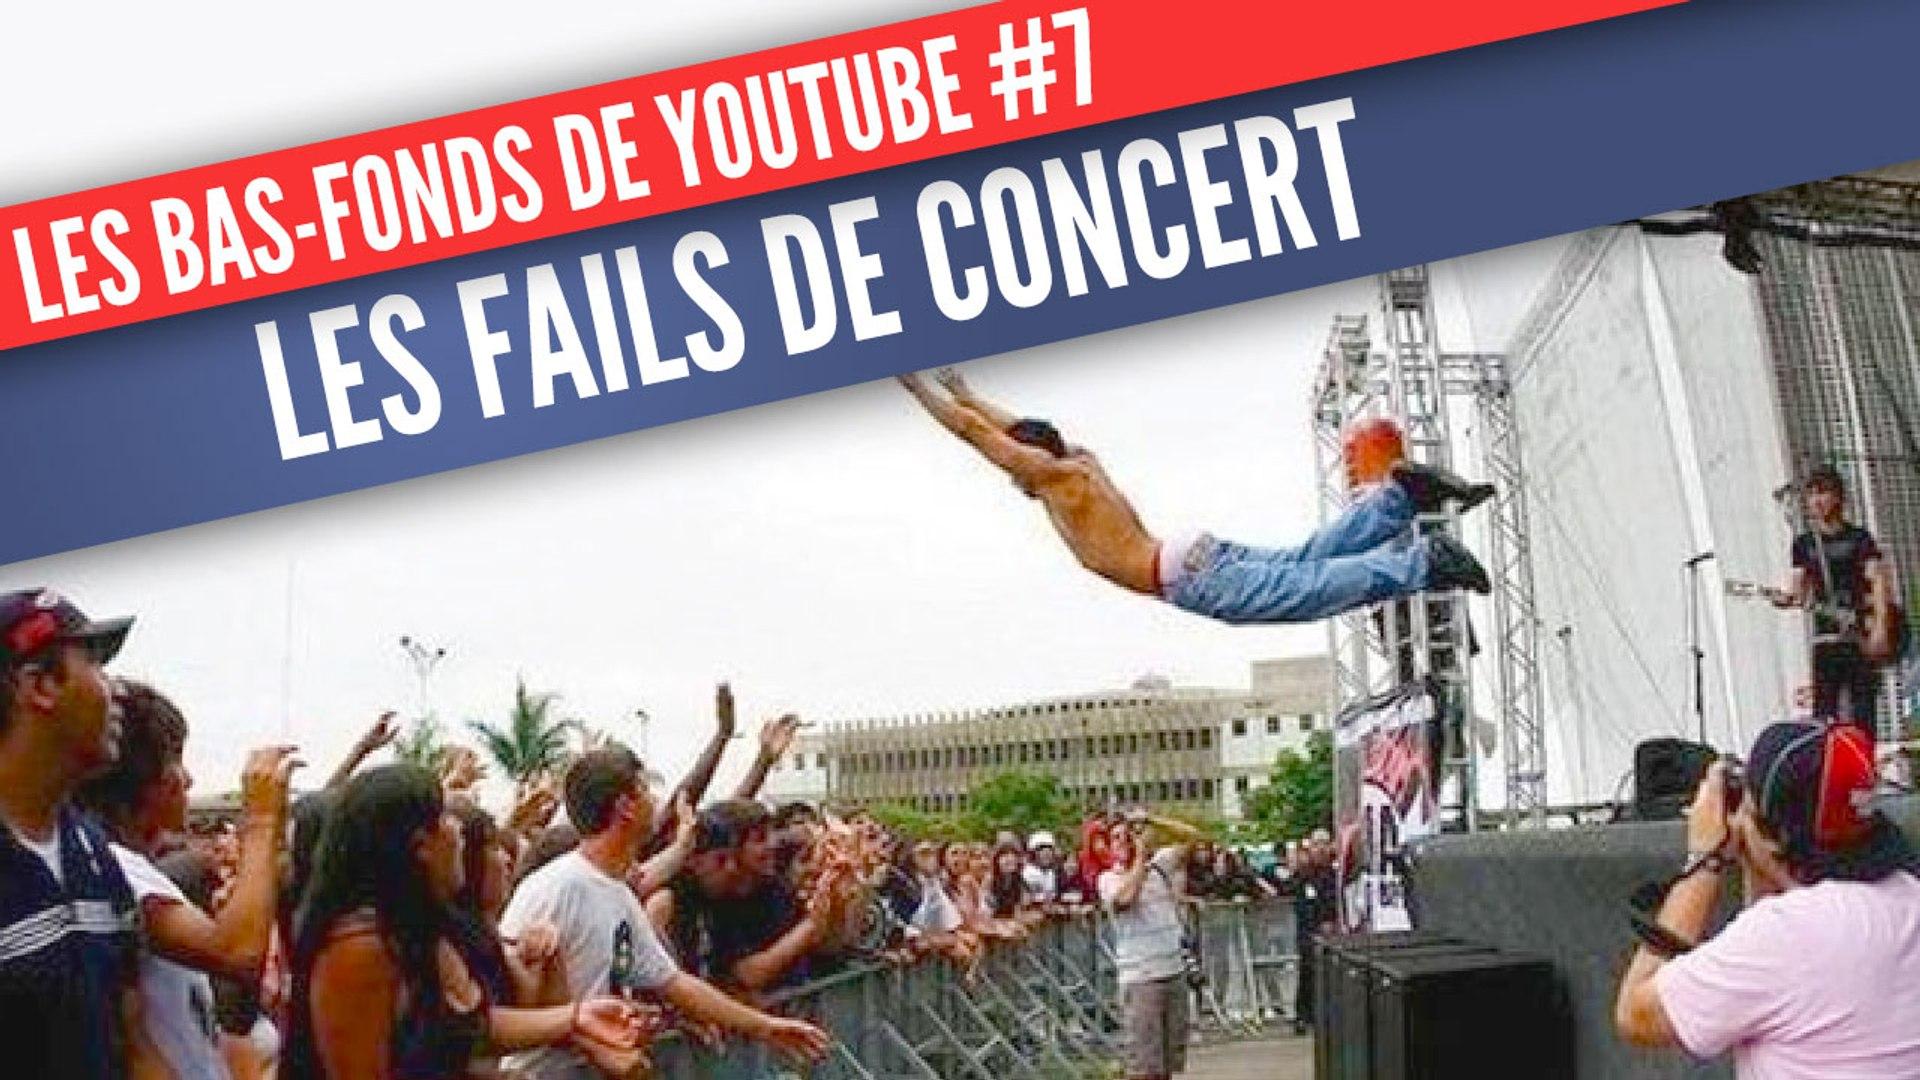 Les Bas-Fonds de Youtube #7: les fails de concert